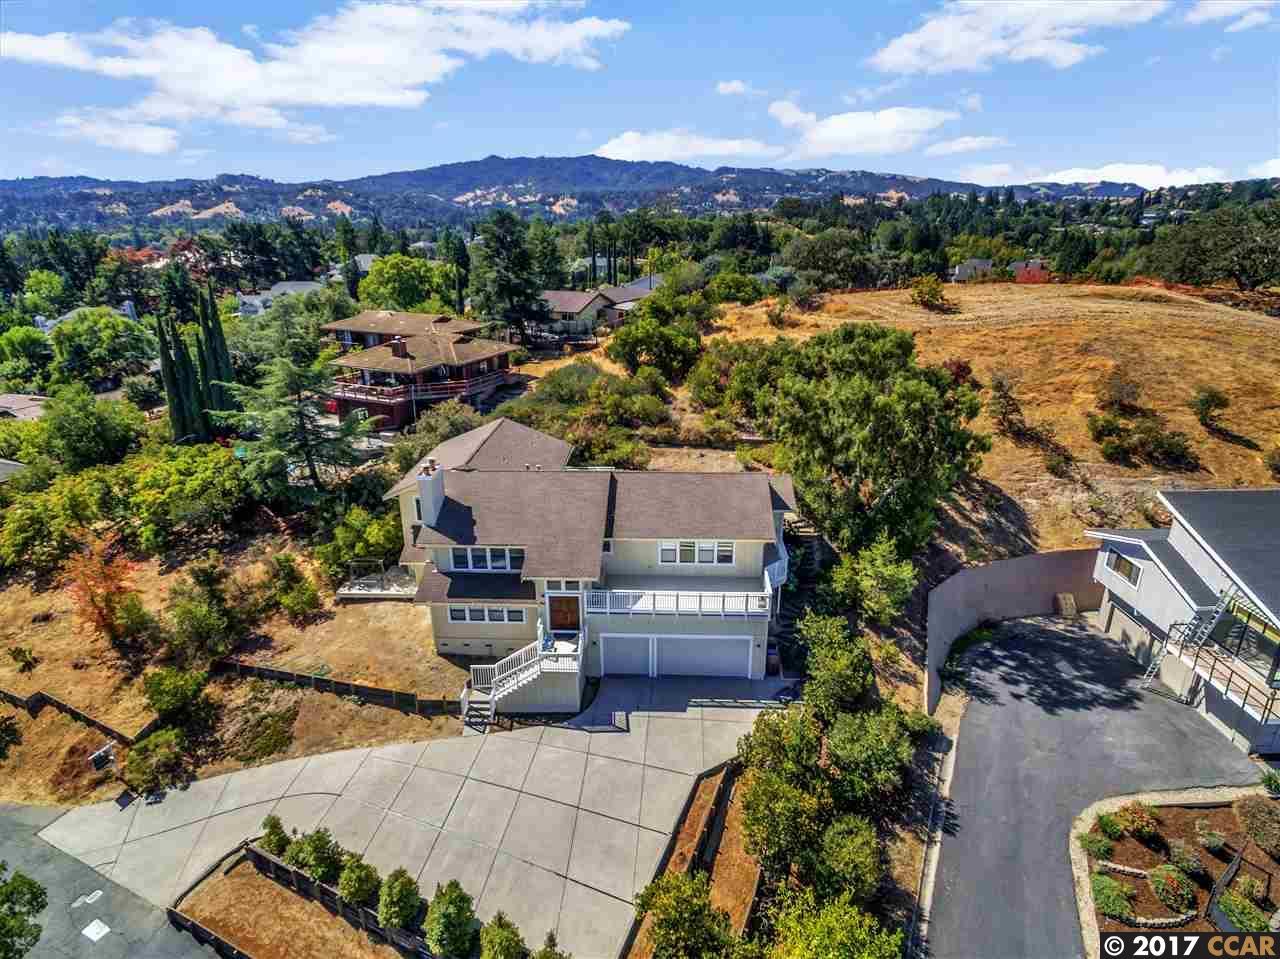 Maison unifamiliale pour l Vente à 505 CAMINO LAS JUNTAS 505 CAMINO LAS JUNTAS Pleasant Hill, Californie 94523 États-Unis